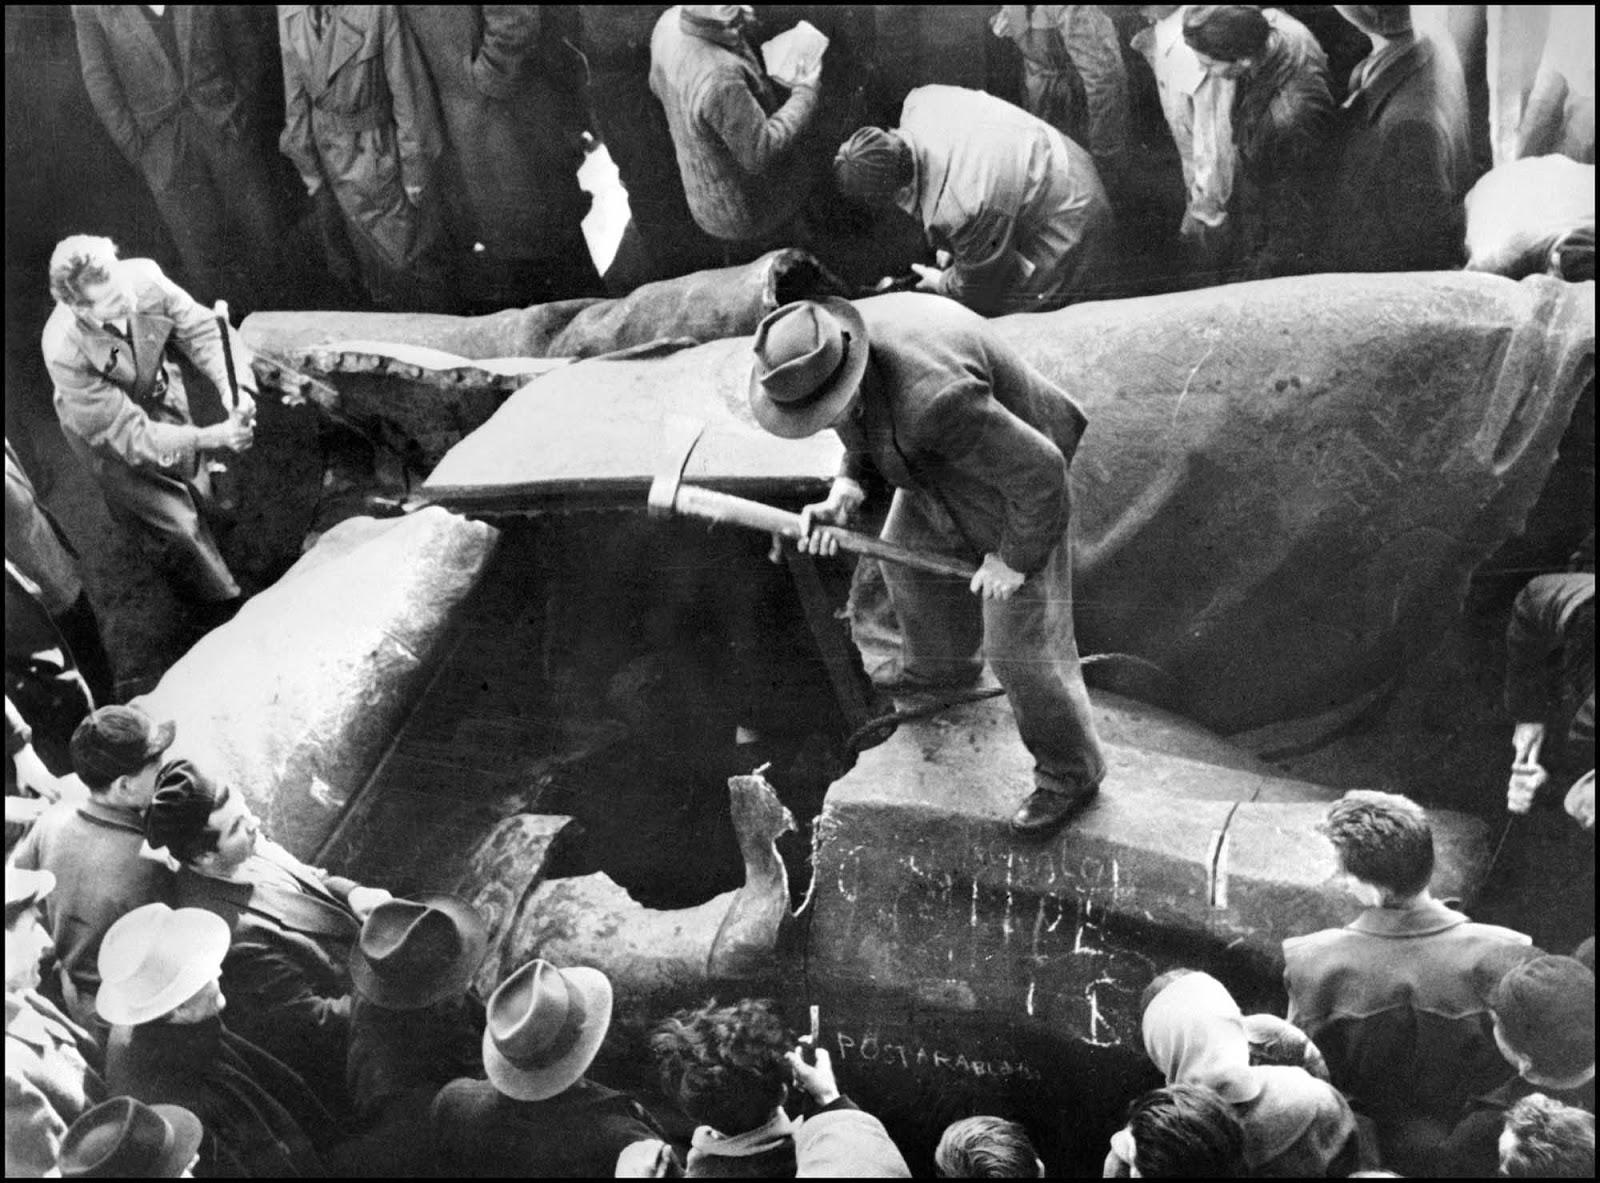 Una estatua incorpórea de la cabeza de Joseph Stalin en las calles de Budapest durante la Revolución Húngara de 1956